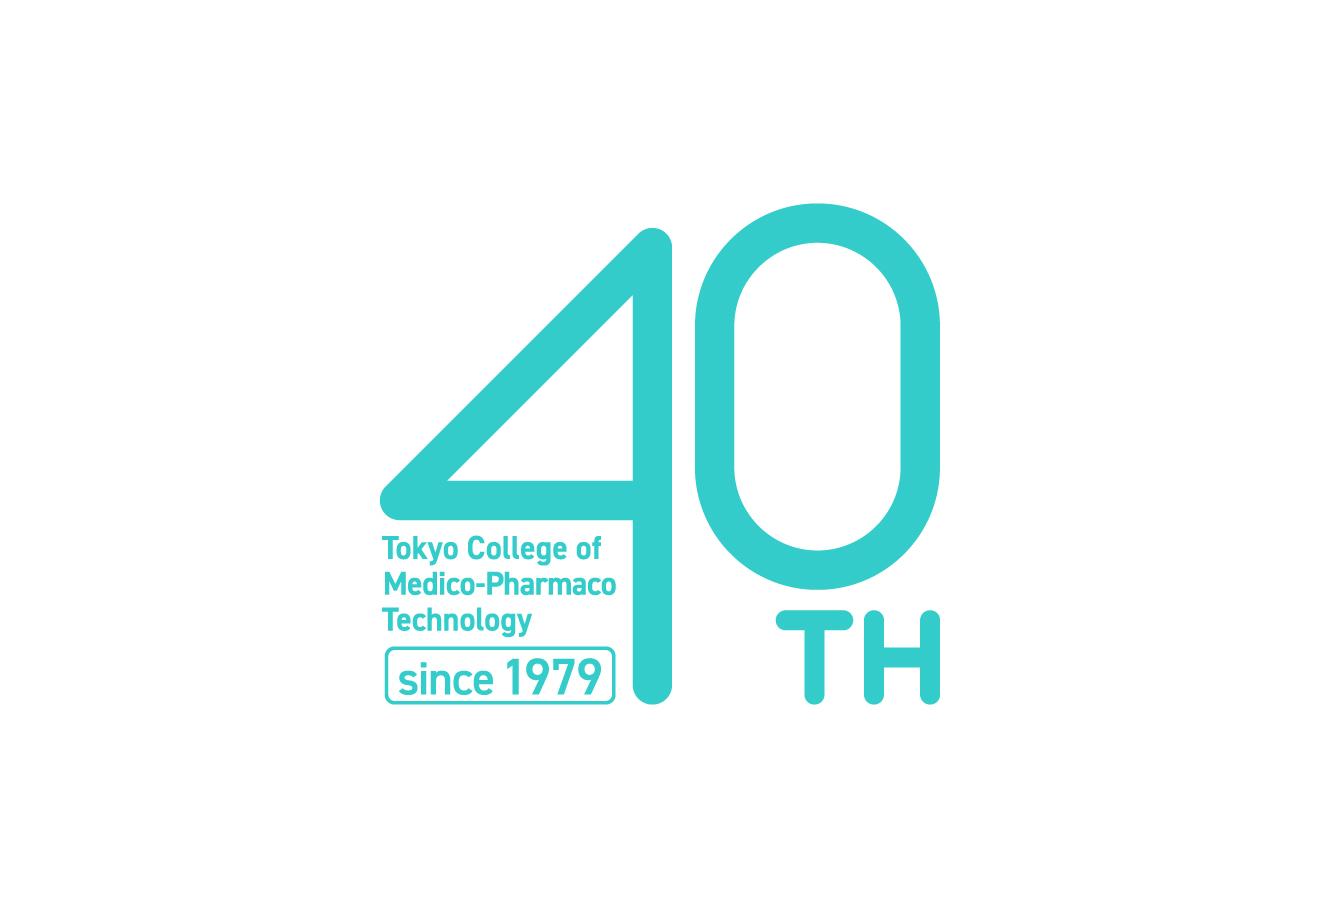 東京医薬専門学校40周年ロゴ